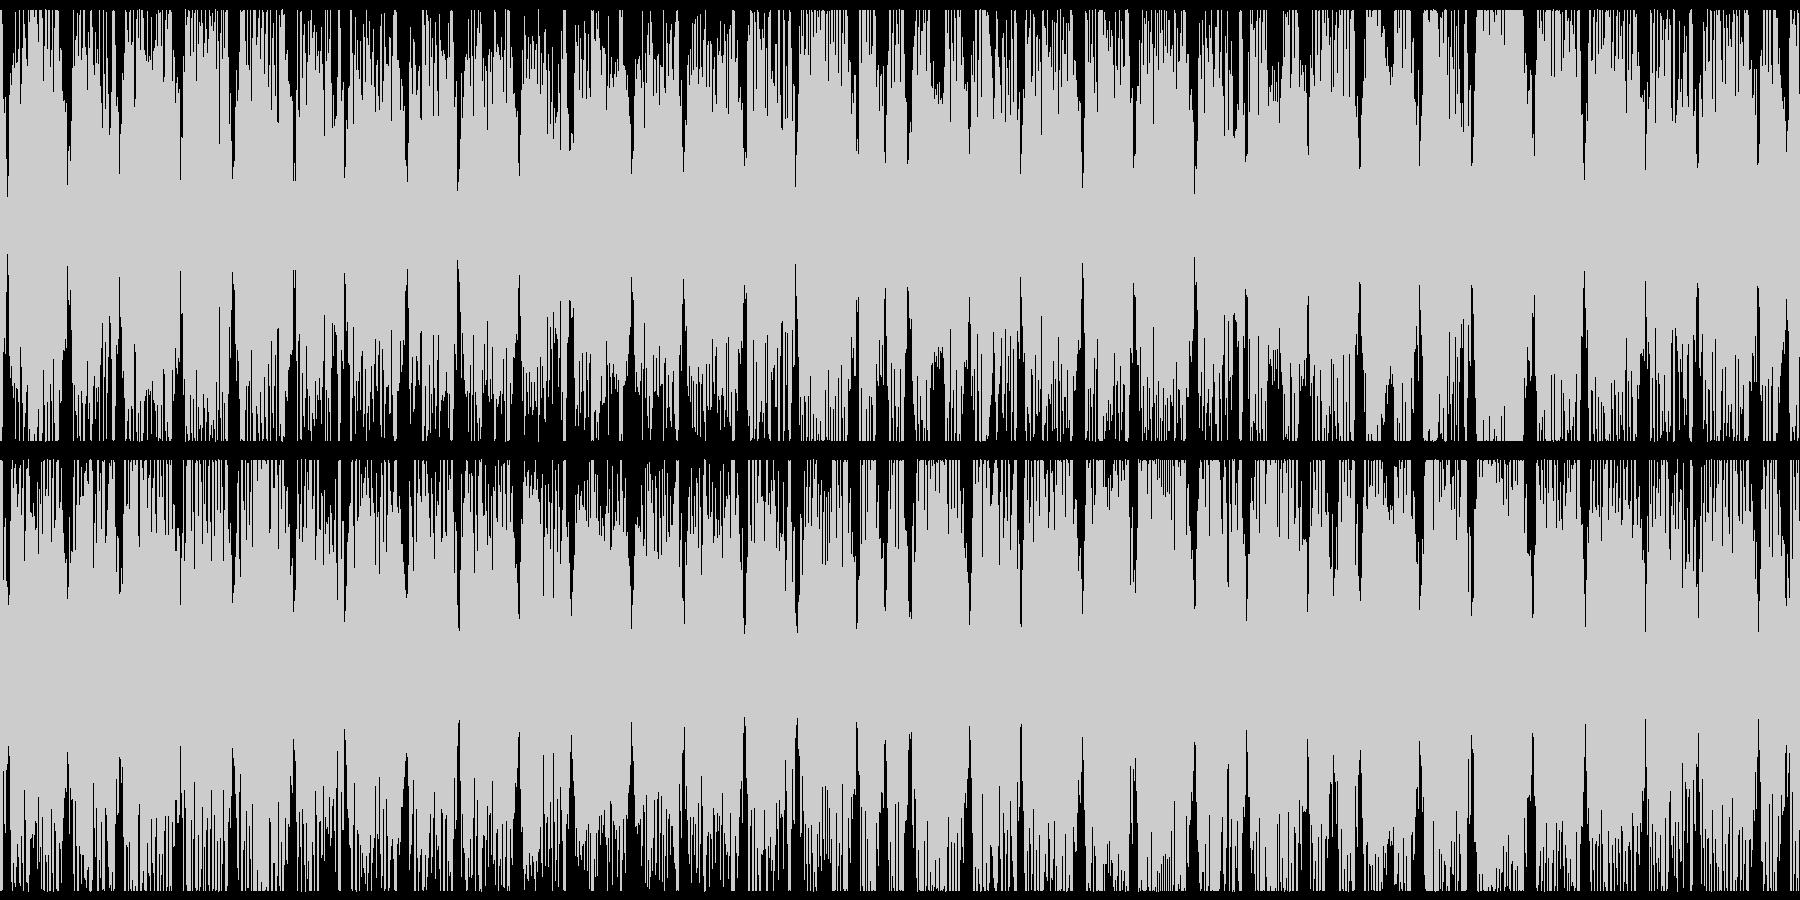 やや暗い音とわずかなダブステップの...の未再生の波形